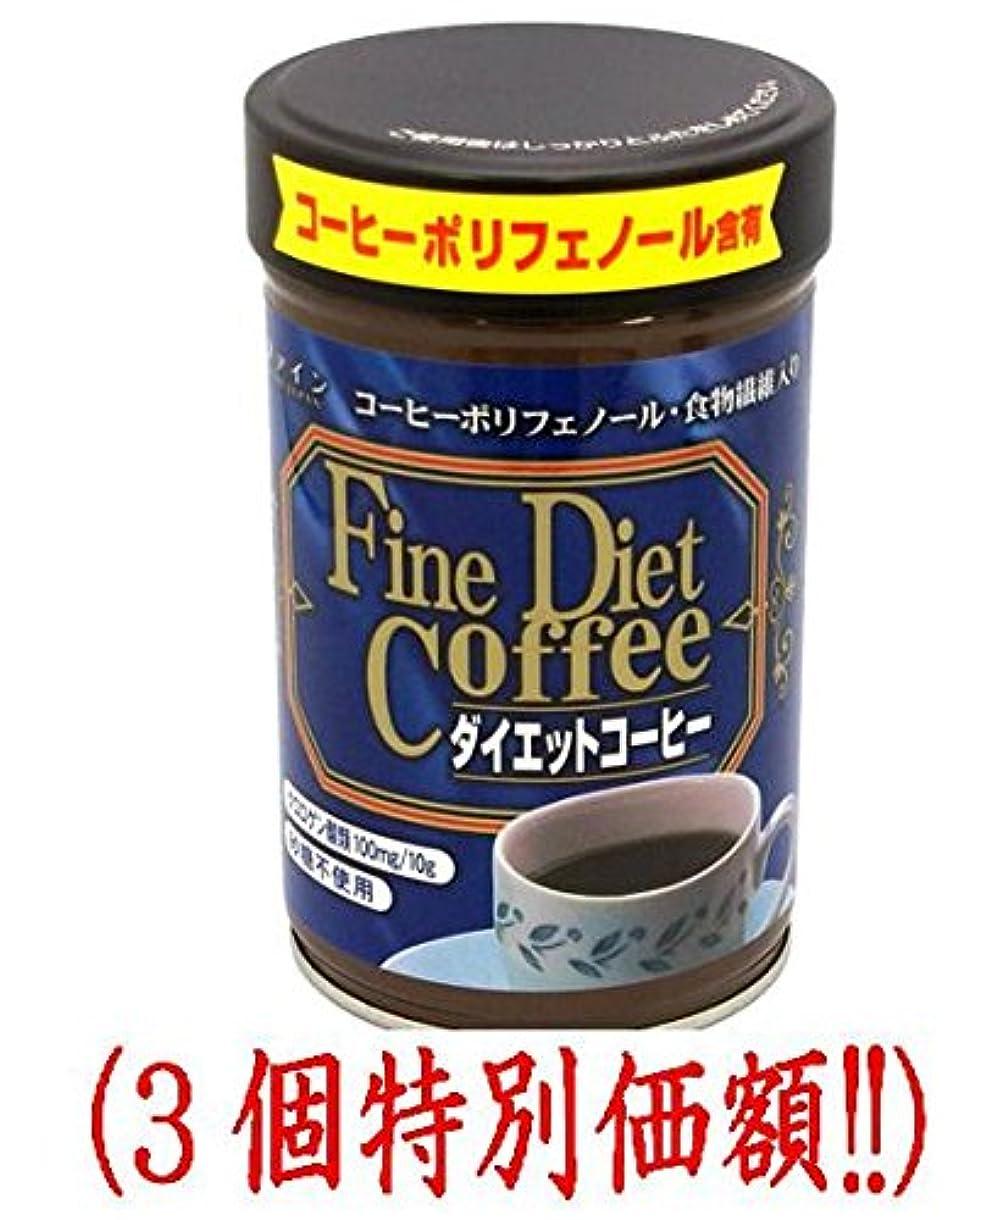 したい大量自信があるファイン ダイエットコーヒー【3本セット】